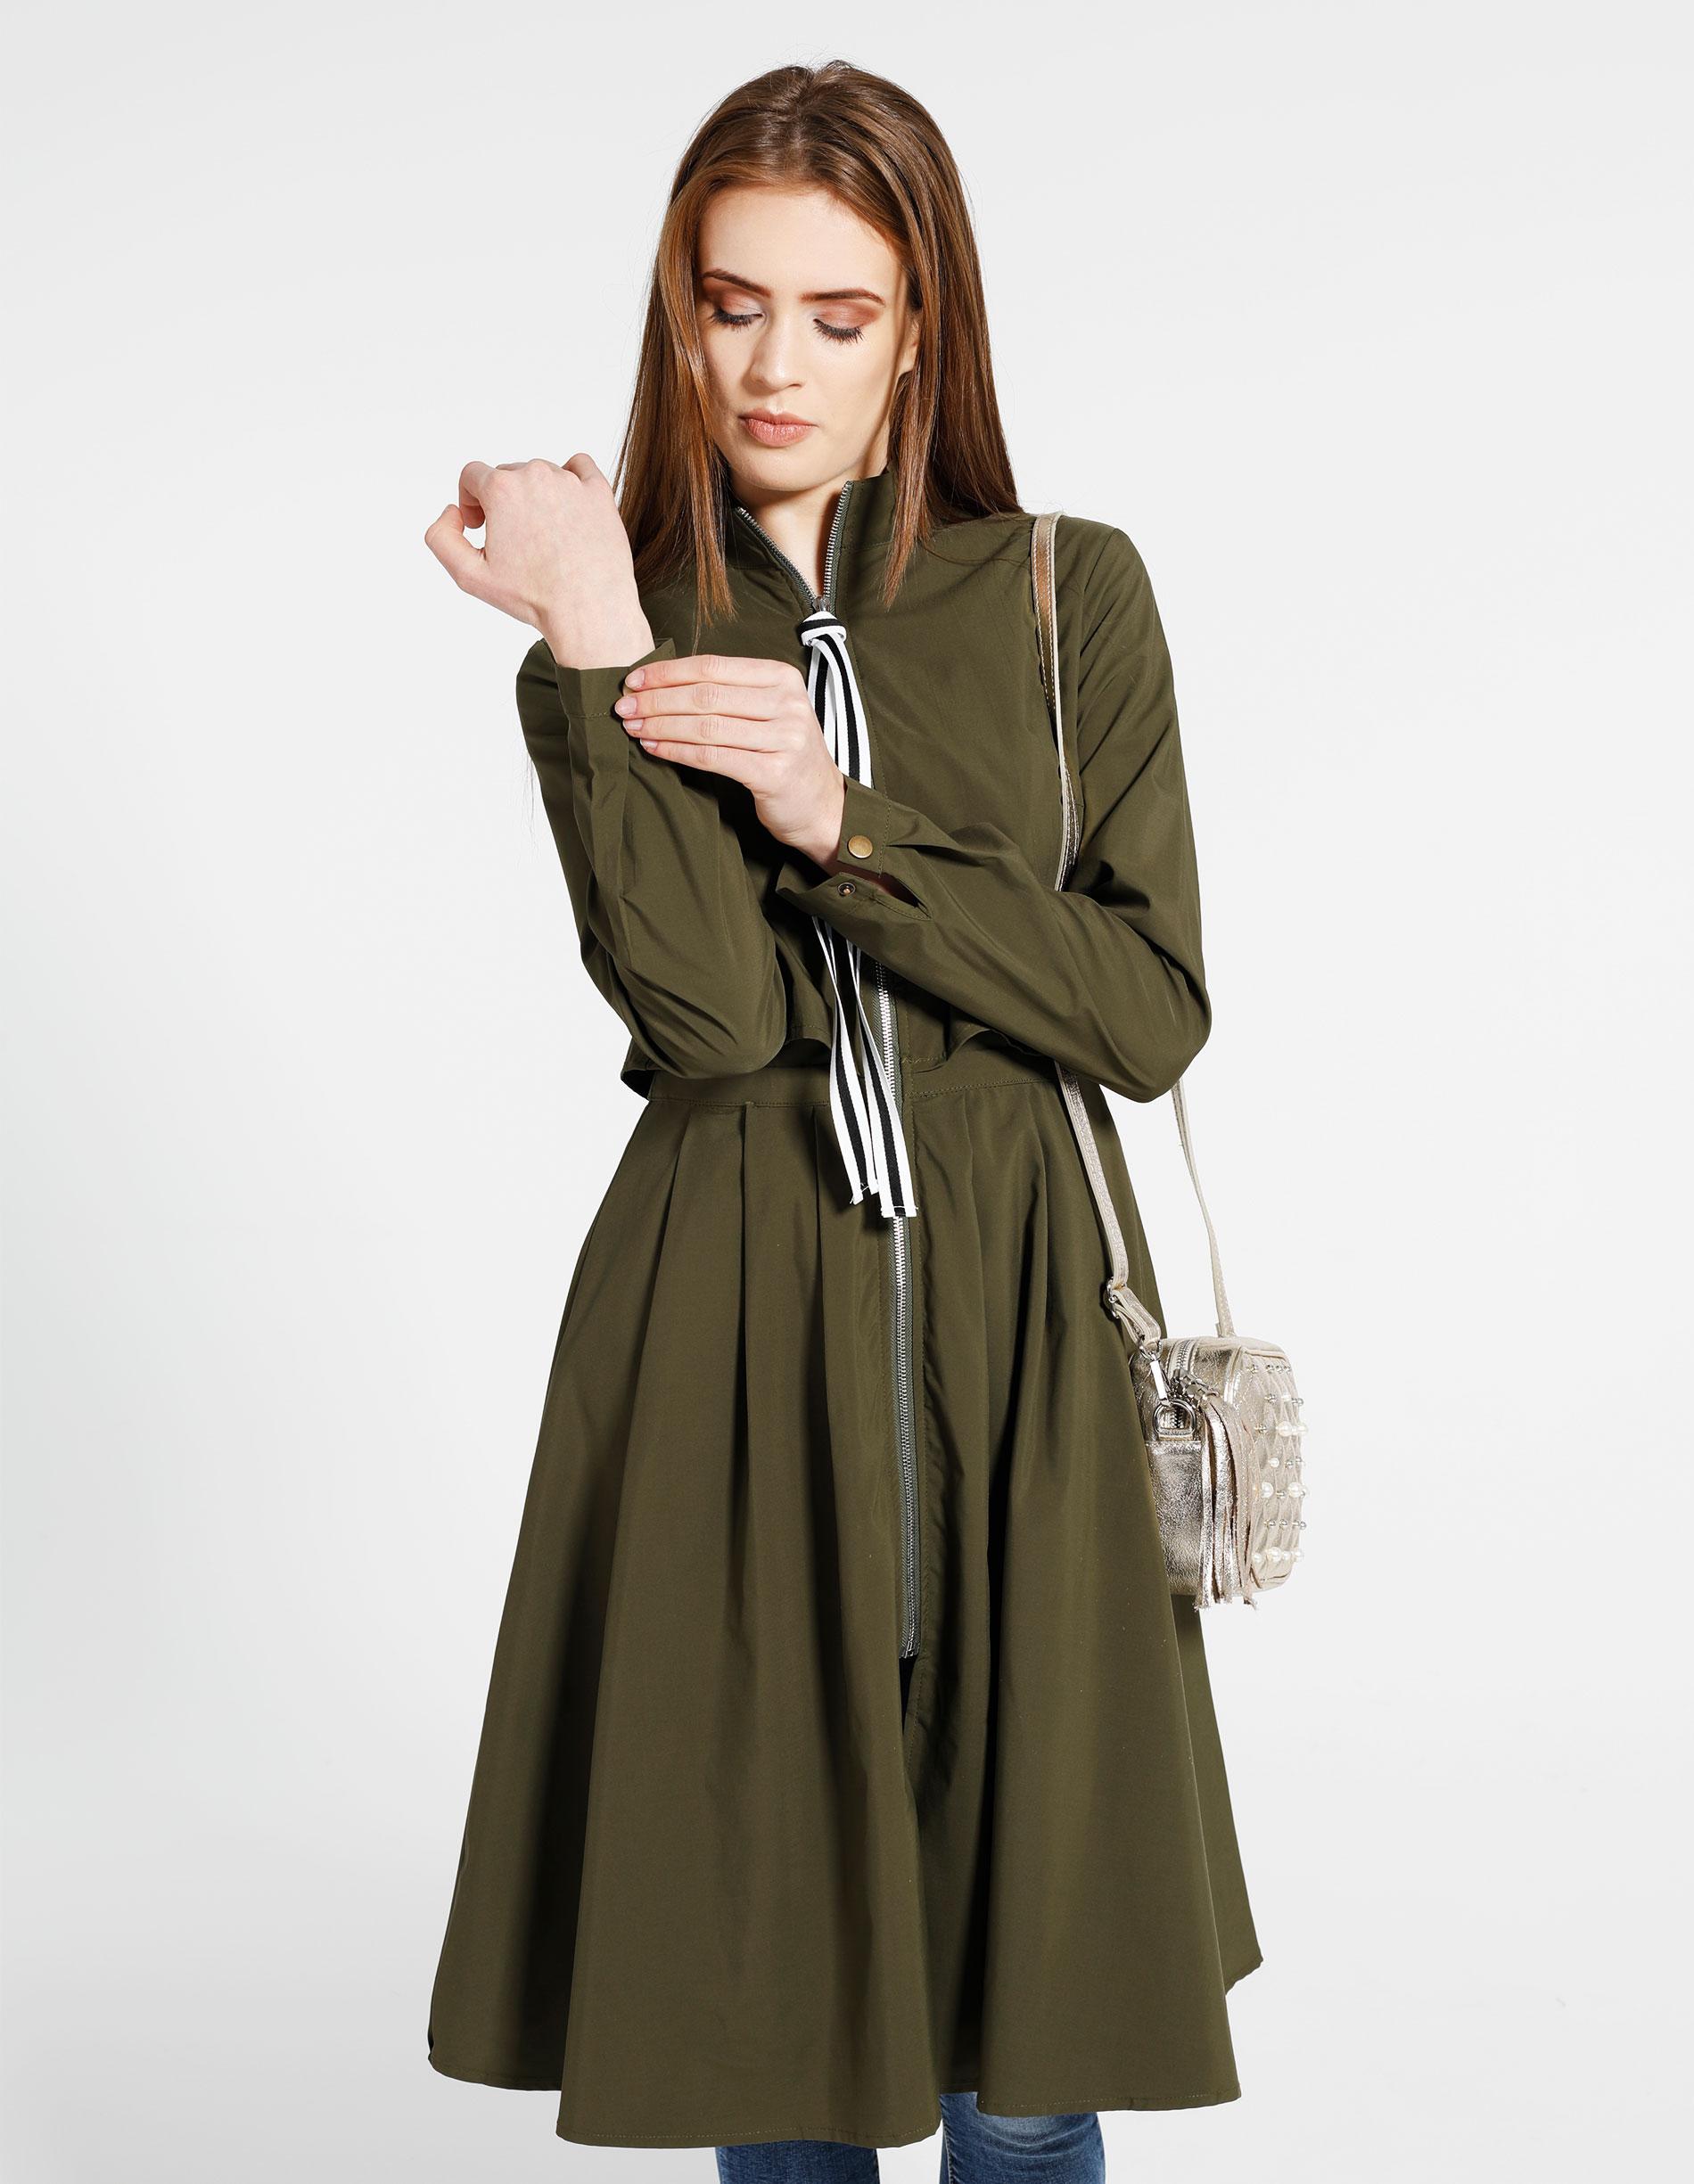 Płaszcz materiałowy - 134-2730 MILI - Unisono